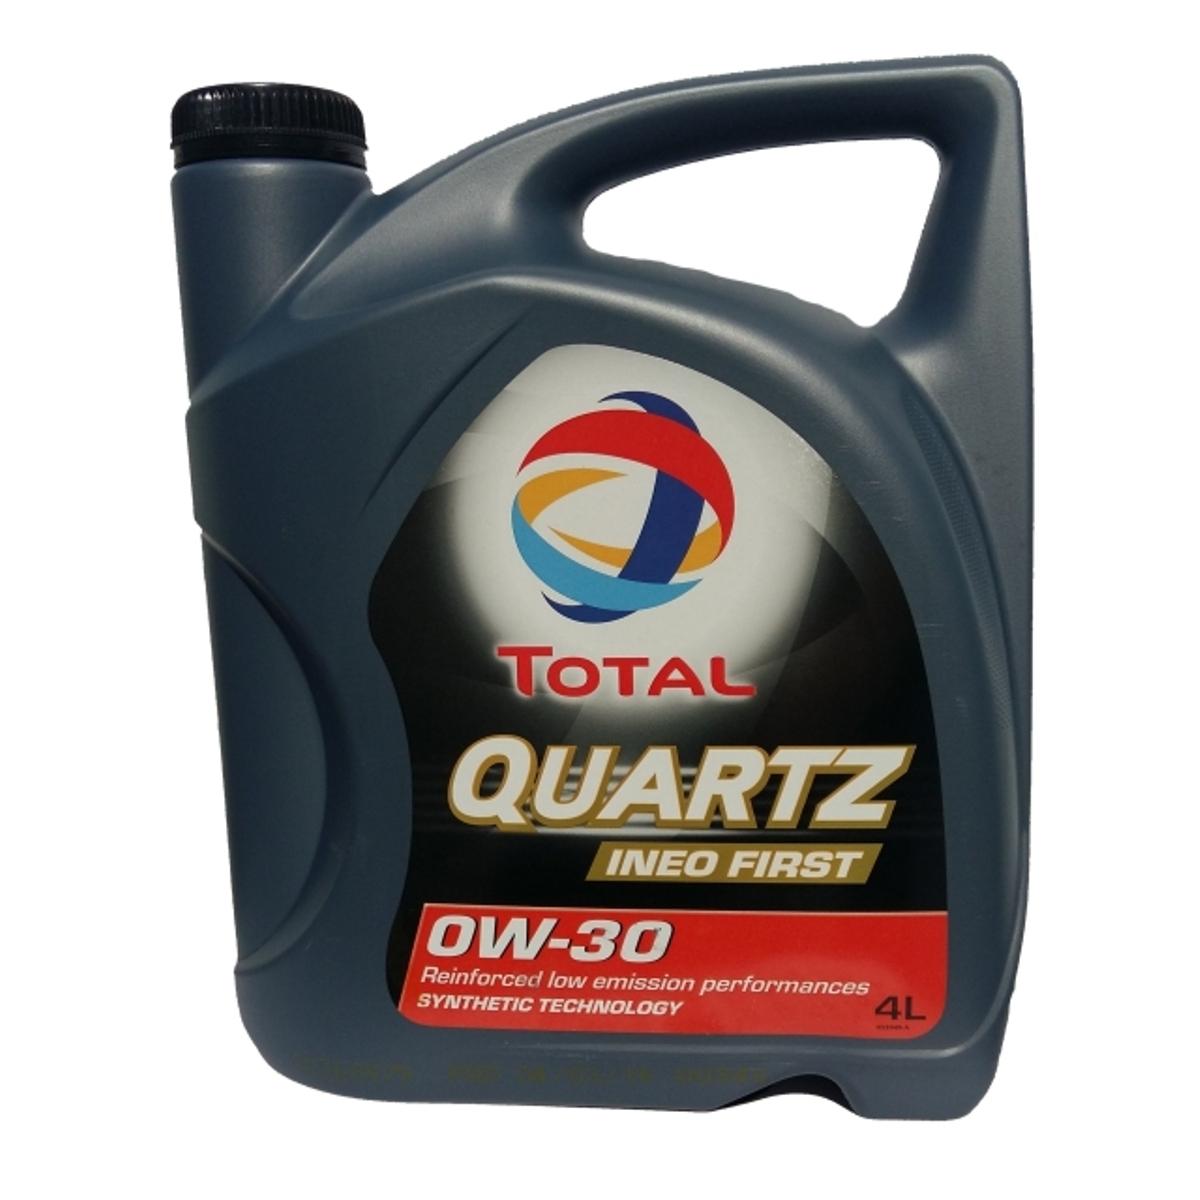 Моторное масло Total Quartz Ineo First 0W30, 4 л183175Total Quartz Ineo First 0W30 применяется концерном PSA PEUGEOT CITROEN в качестве моторного масла первой заливки и рекомендуется для послепродажного обслуживания. Моторное масло, разработанное по синтетической технологии, обеспечивает двигатель максимальной защитой от износа и от образования отложений. Благодаря малозольной формуле (низкое содержание серы, фосфора, пониженная зольность) масло обеспечивает долгое и правильное функционирование системы доочистки выхлопных газов, чувствительных к смазочным материалам и дорогих в обслуживании. Применение TOTAL QUARTZ INEO FIRST 0W30 позволяет экономить, не требуя при этом изменения стиля вождения. Подходит для наиболее сложных условий эксплуатации (езда от двери до двери, спортивное вождение, старт-стоп, езда в городе и т.д.). Синтетическая технология. Экономия топлива и LOW SAPS.Международные спецификации: ACEA C1 и C2 2010. Одобрения автопроизводителей:PSA PEUGEOT CITROEN B71 2312.